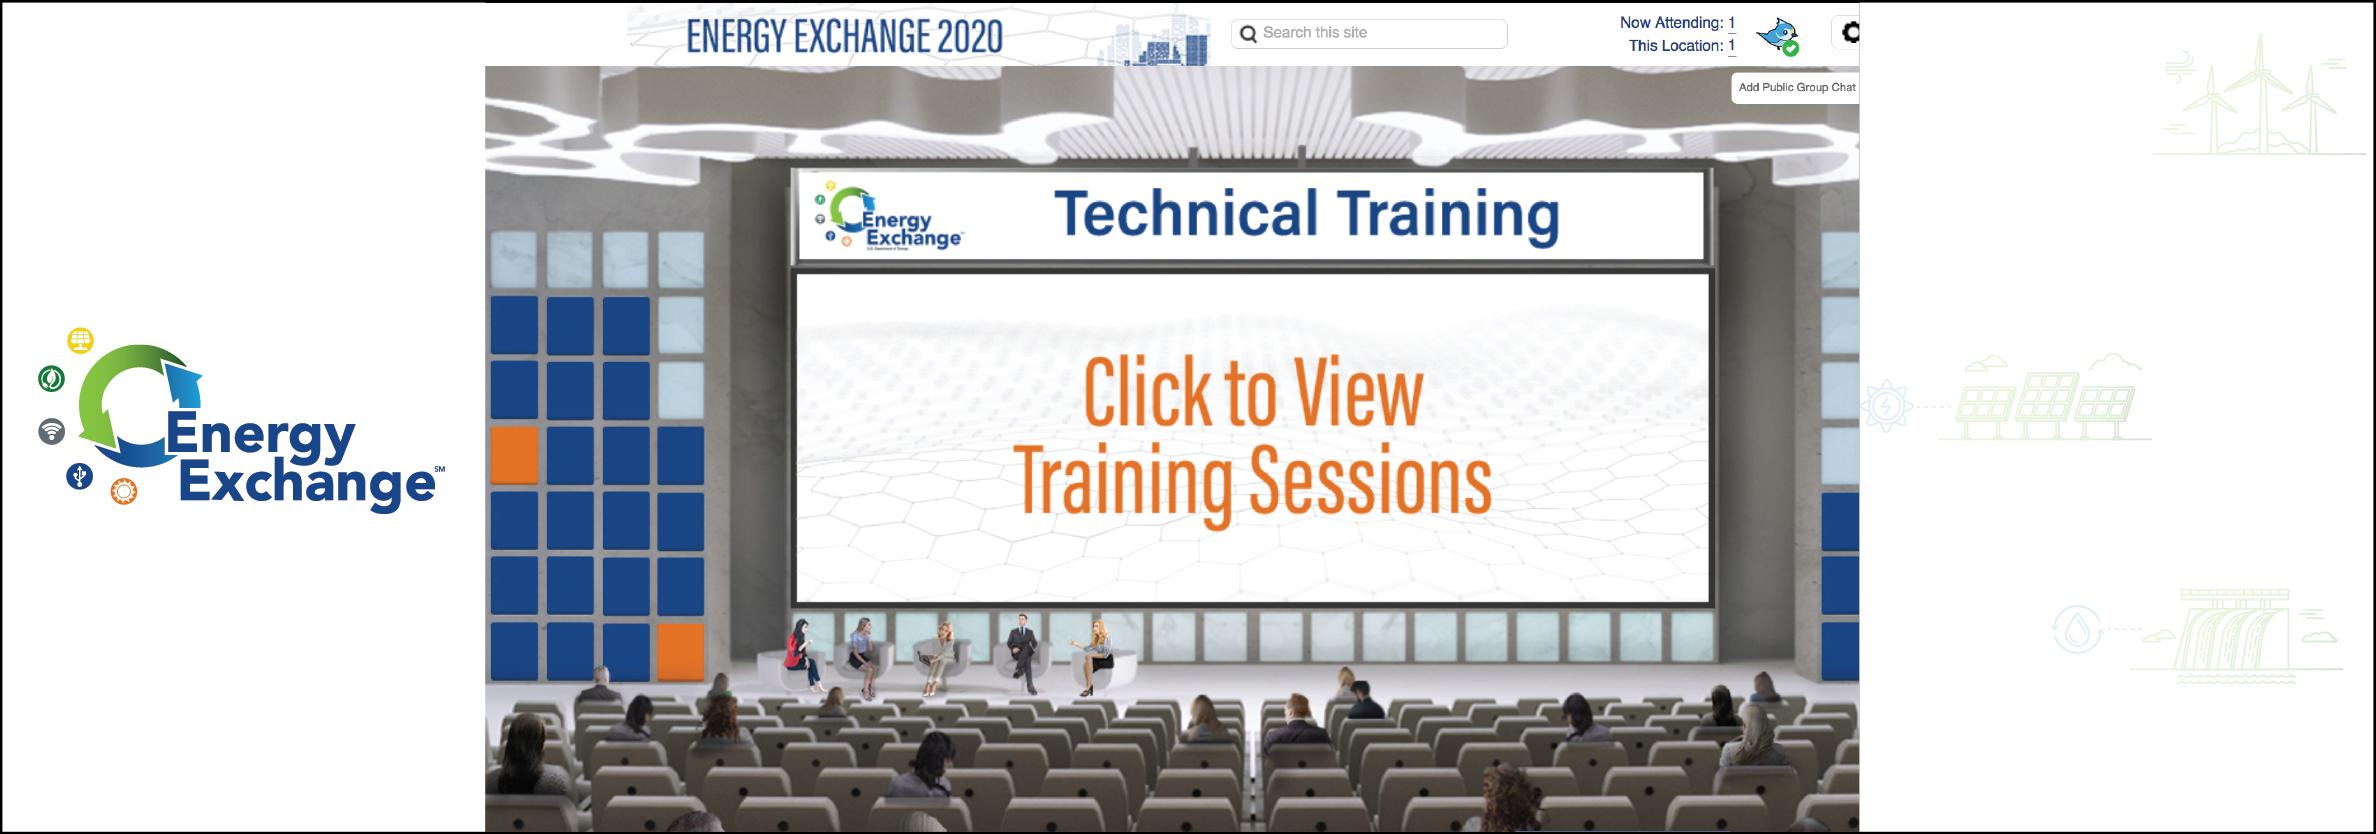 Energy Exchange 2021 Technical Training